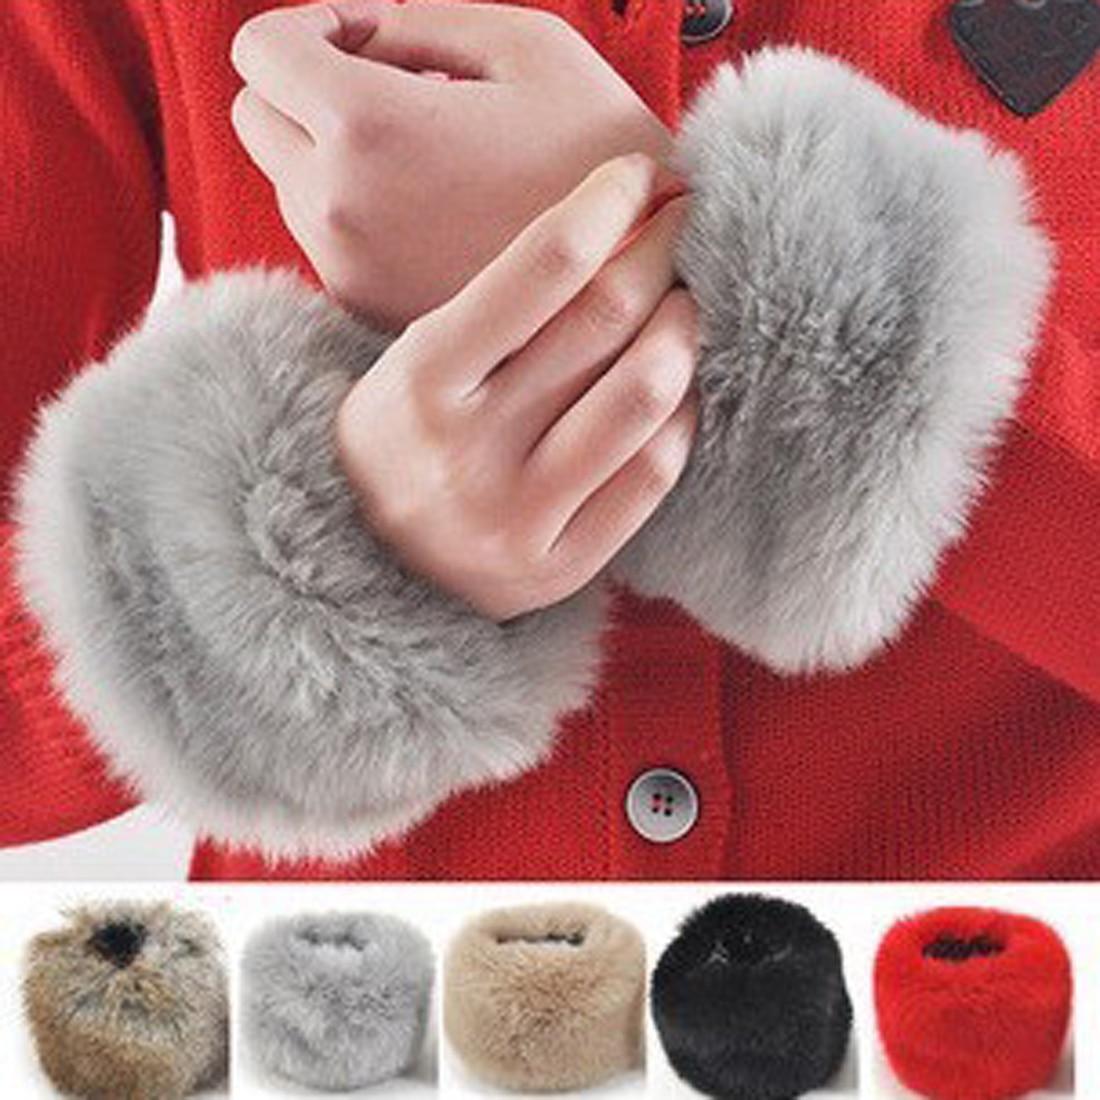 2019 Fashion Winter Warm Women's Faux Fur Wrist Warmer Slap On Cuffs Arm Warmer High Quality